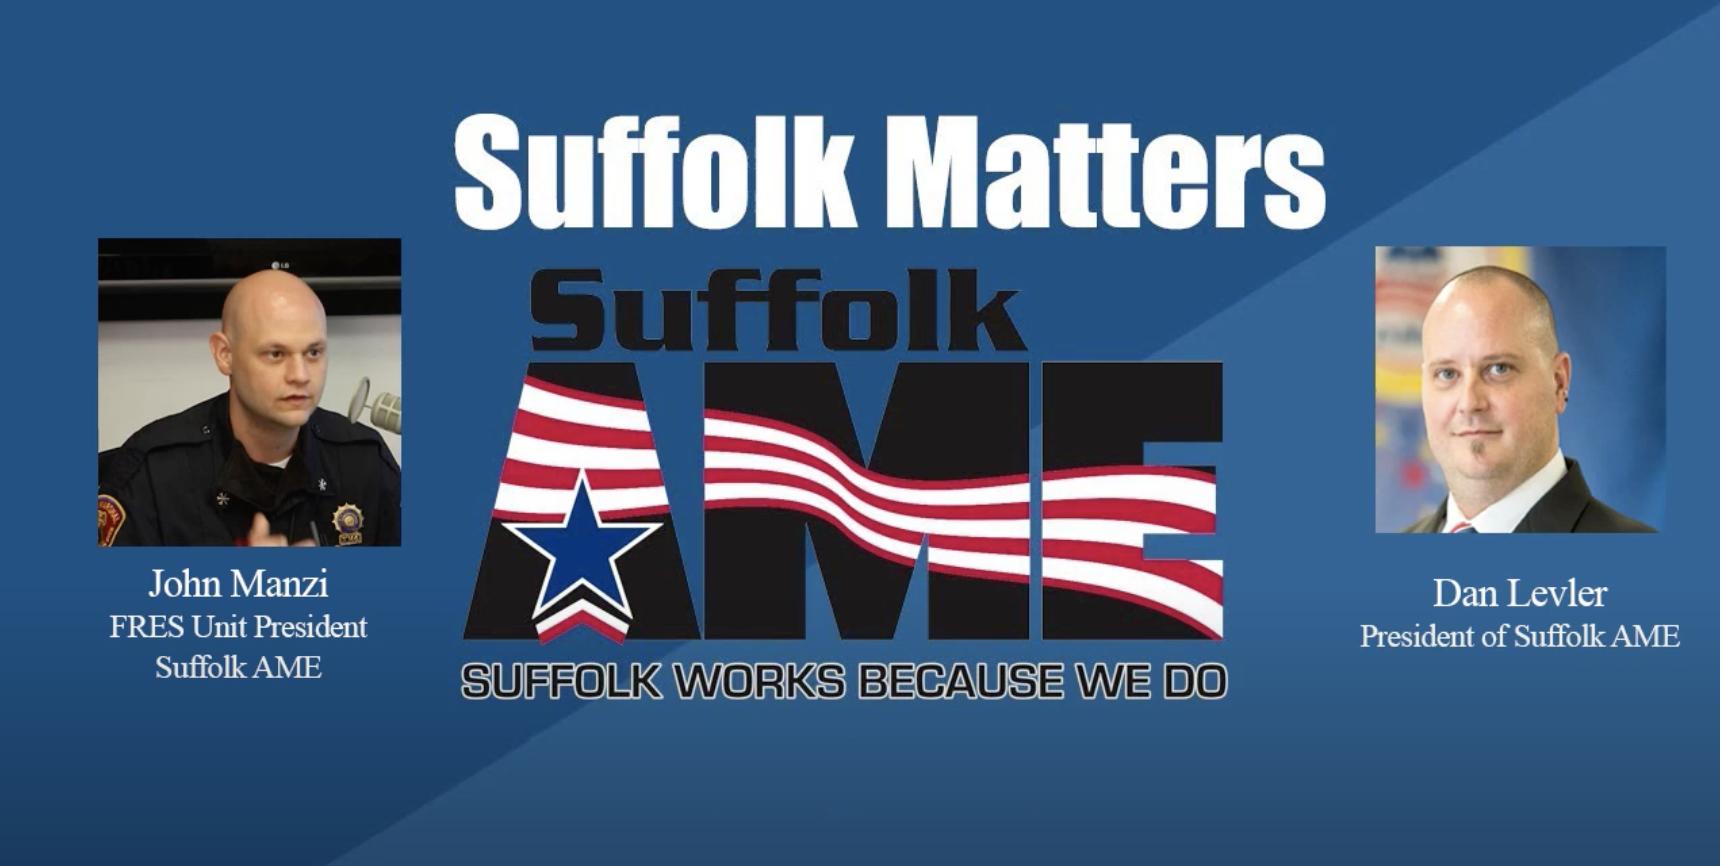 Suffolk Matters Episode 127